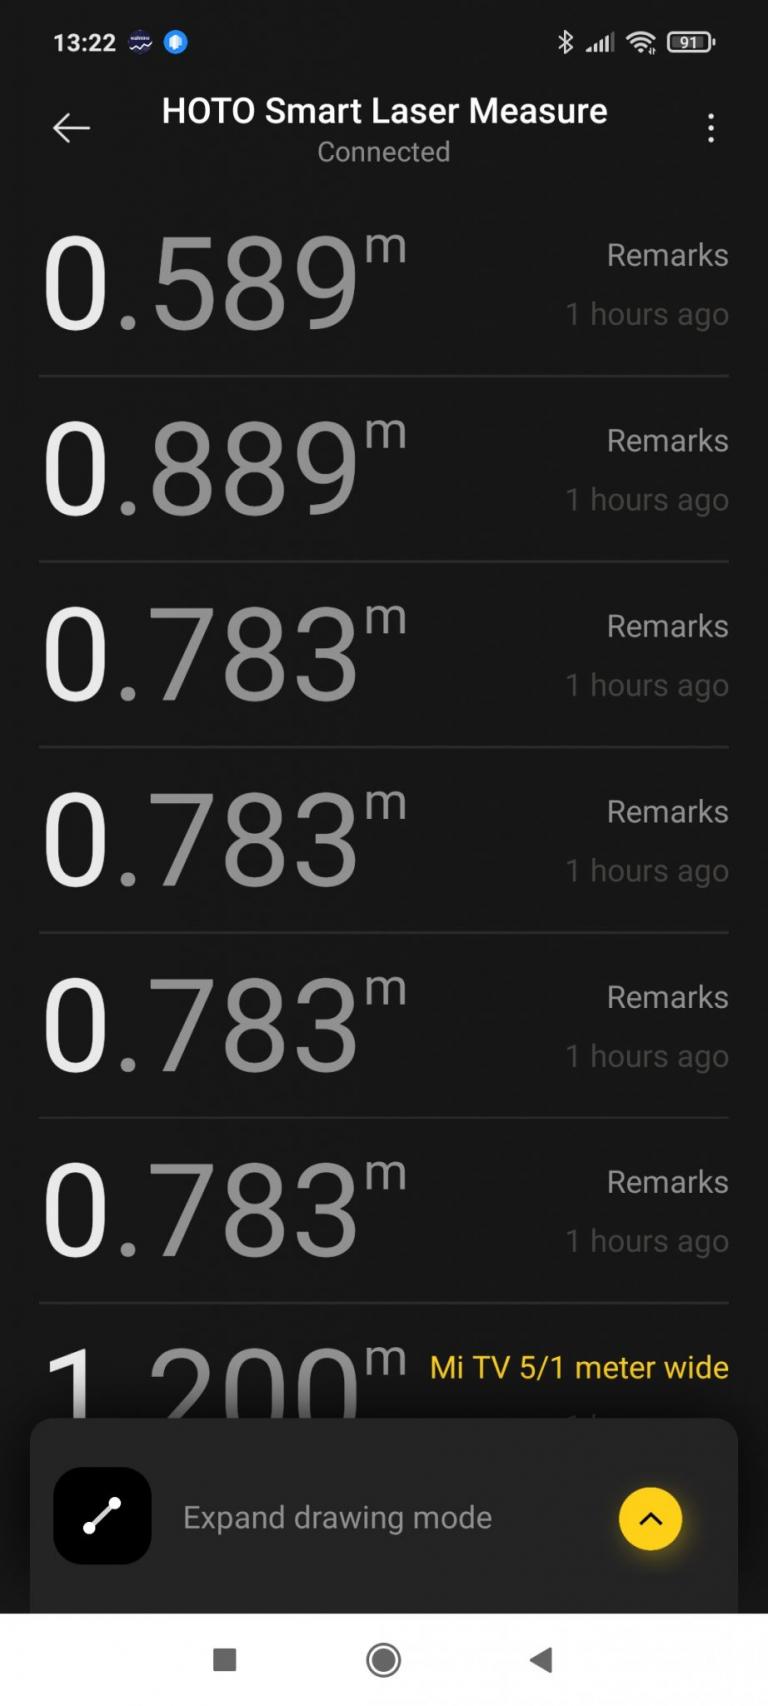 HOTO lézeres okos távolságmérő teszt 18